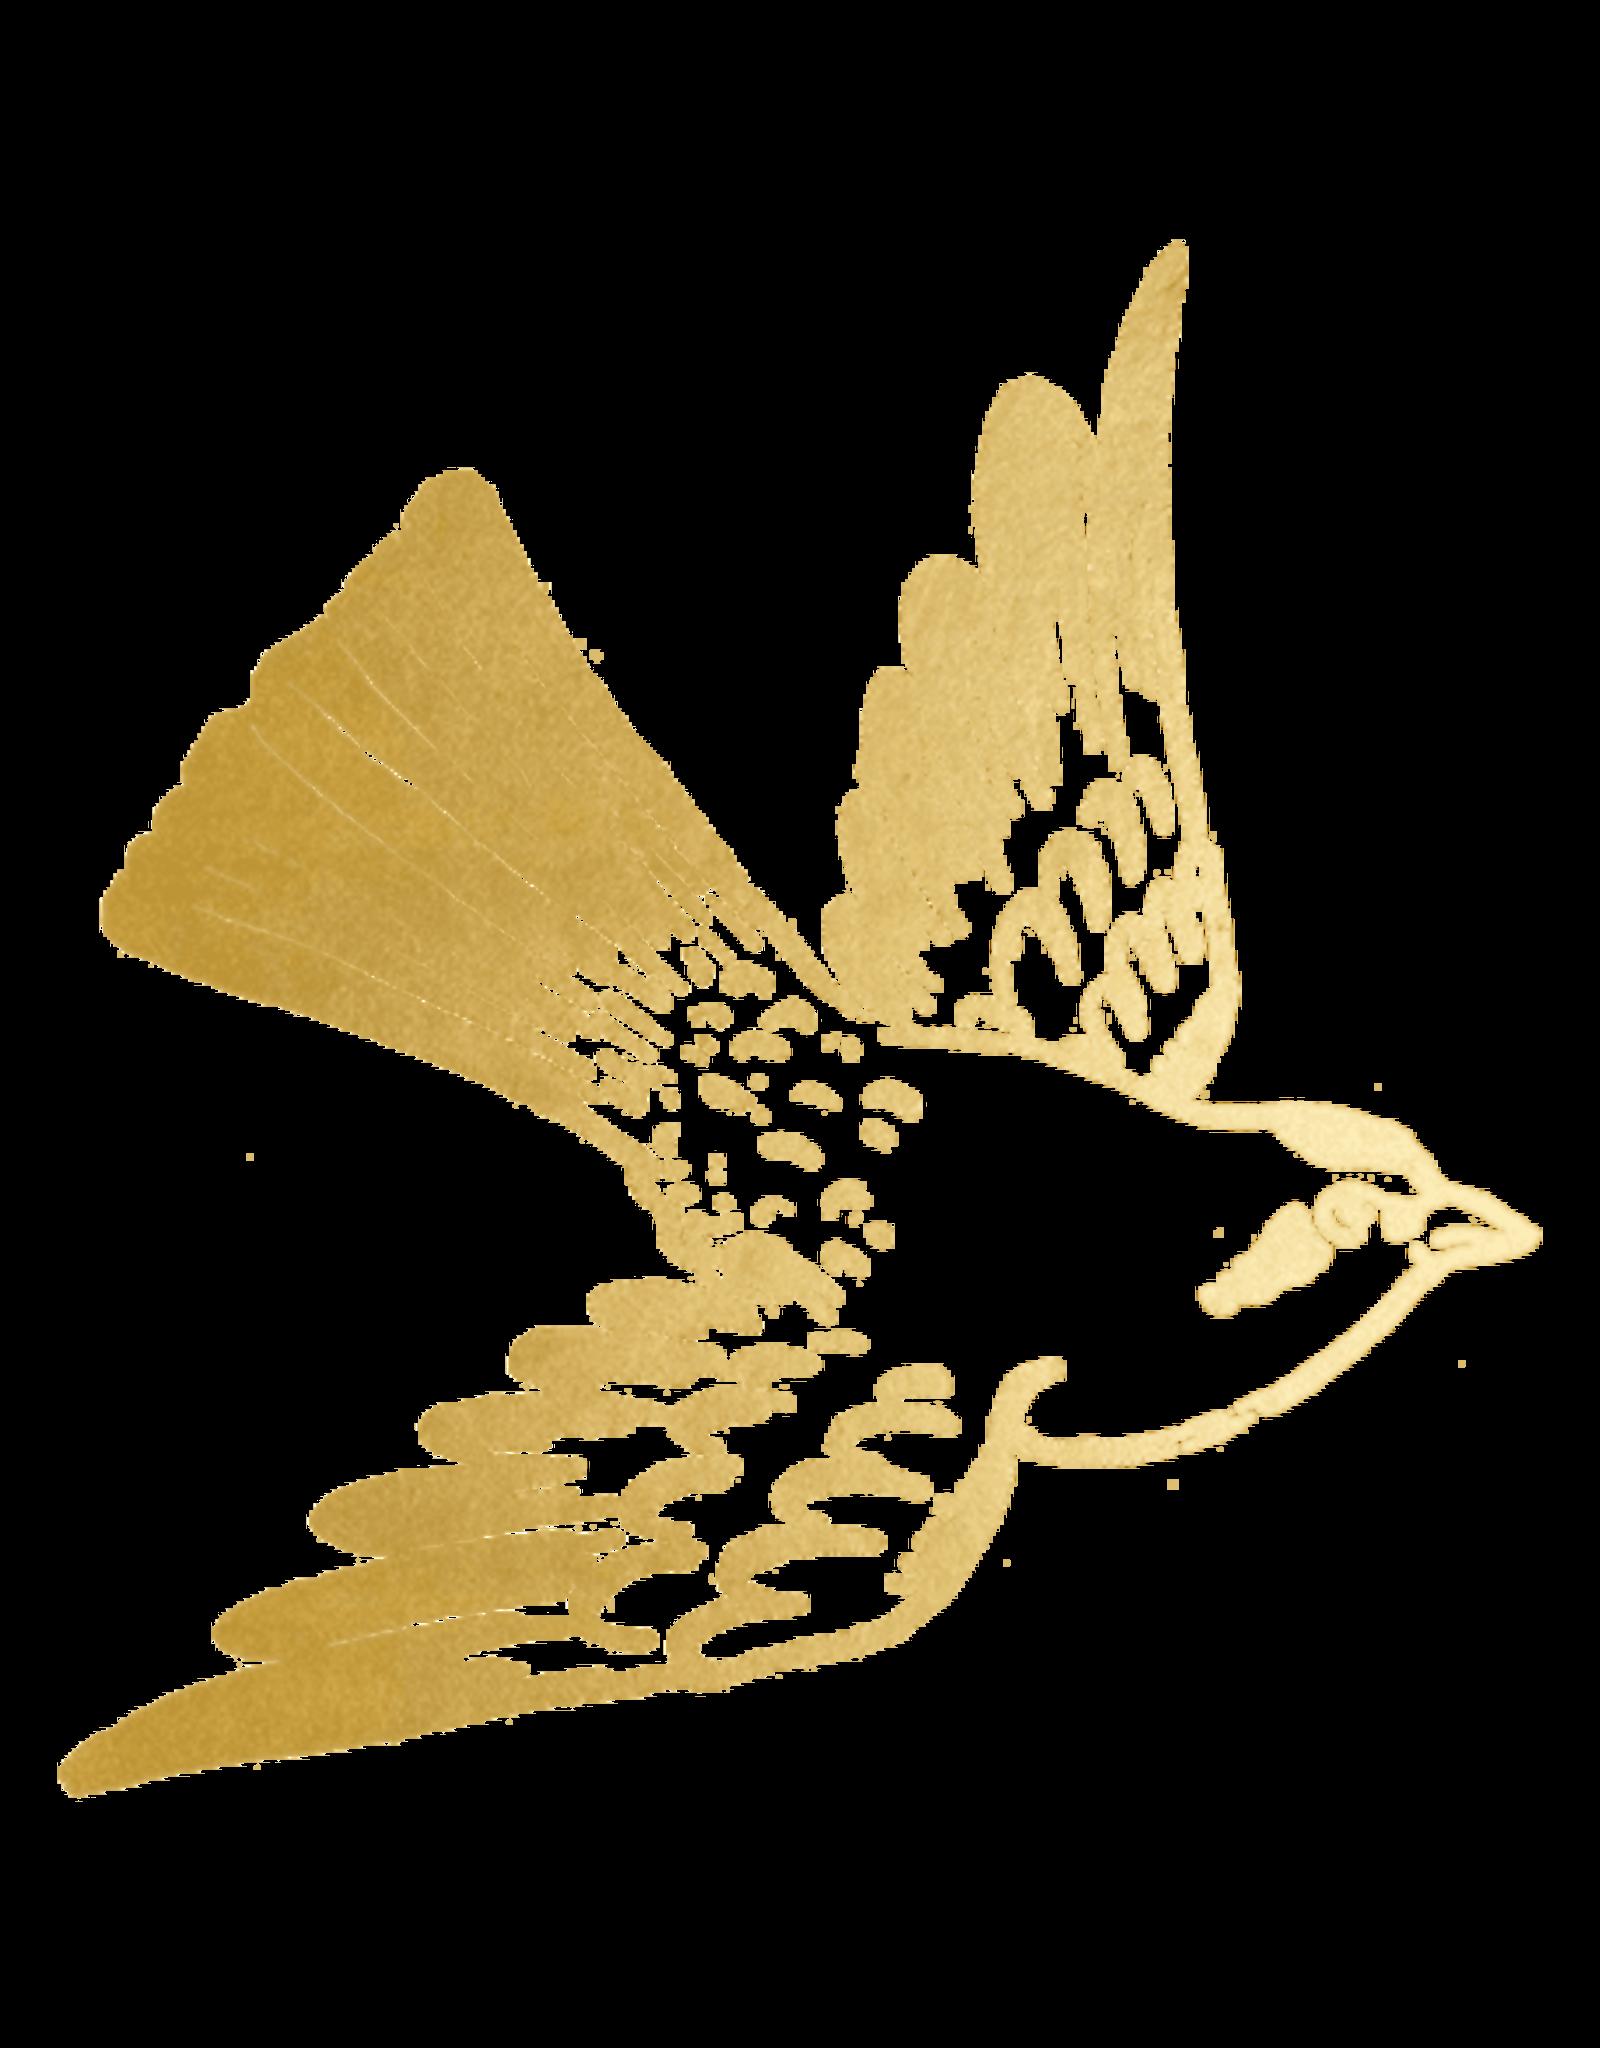 TATOUAGES TEMPORAIRES : CARTOLINA BIRD PAR FIONA RICHARDS